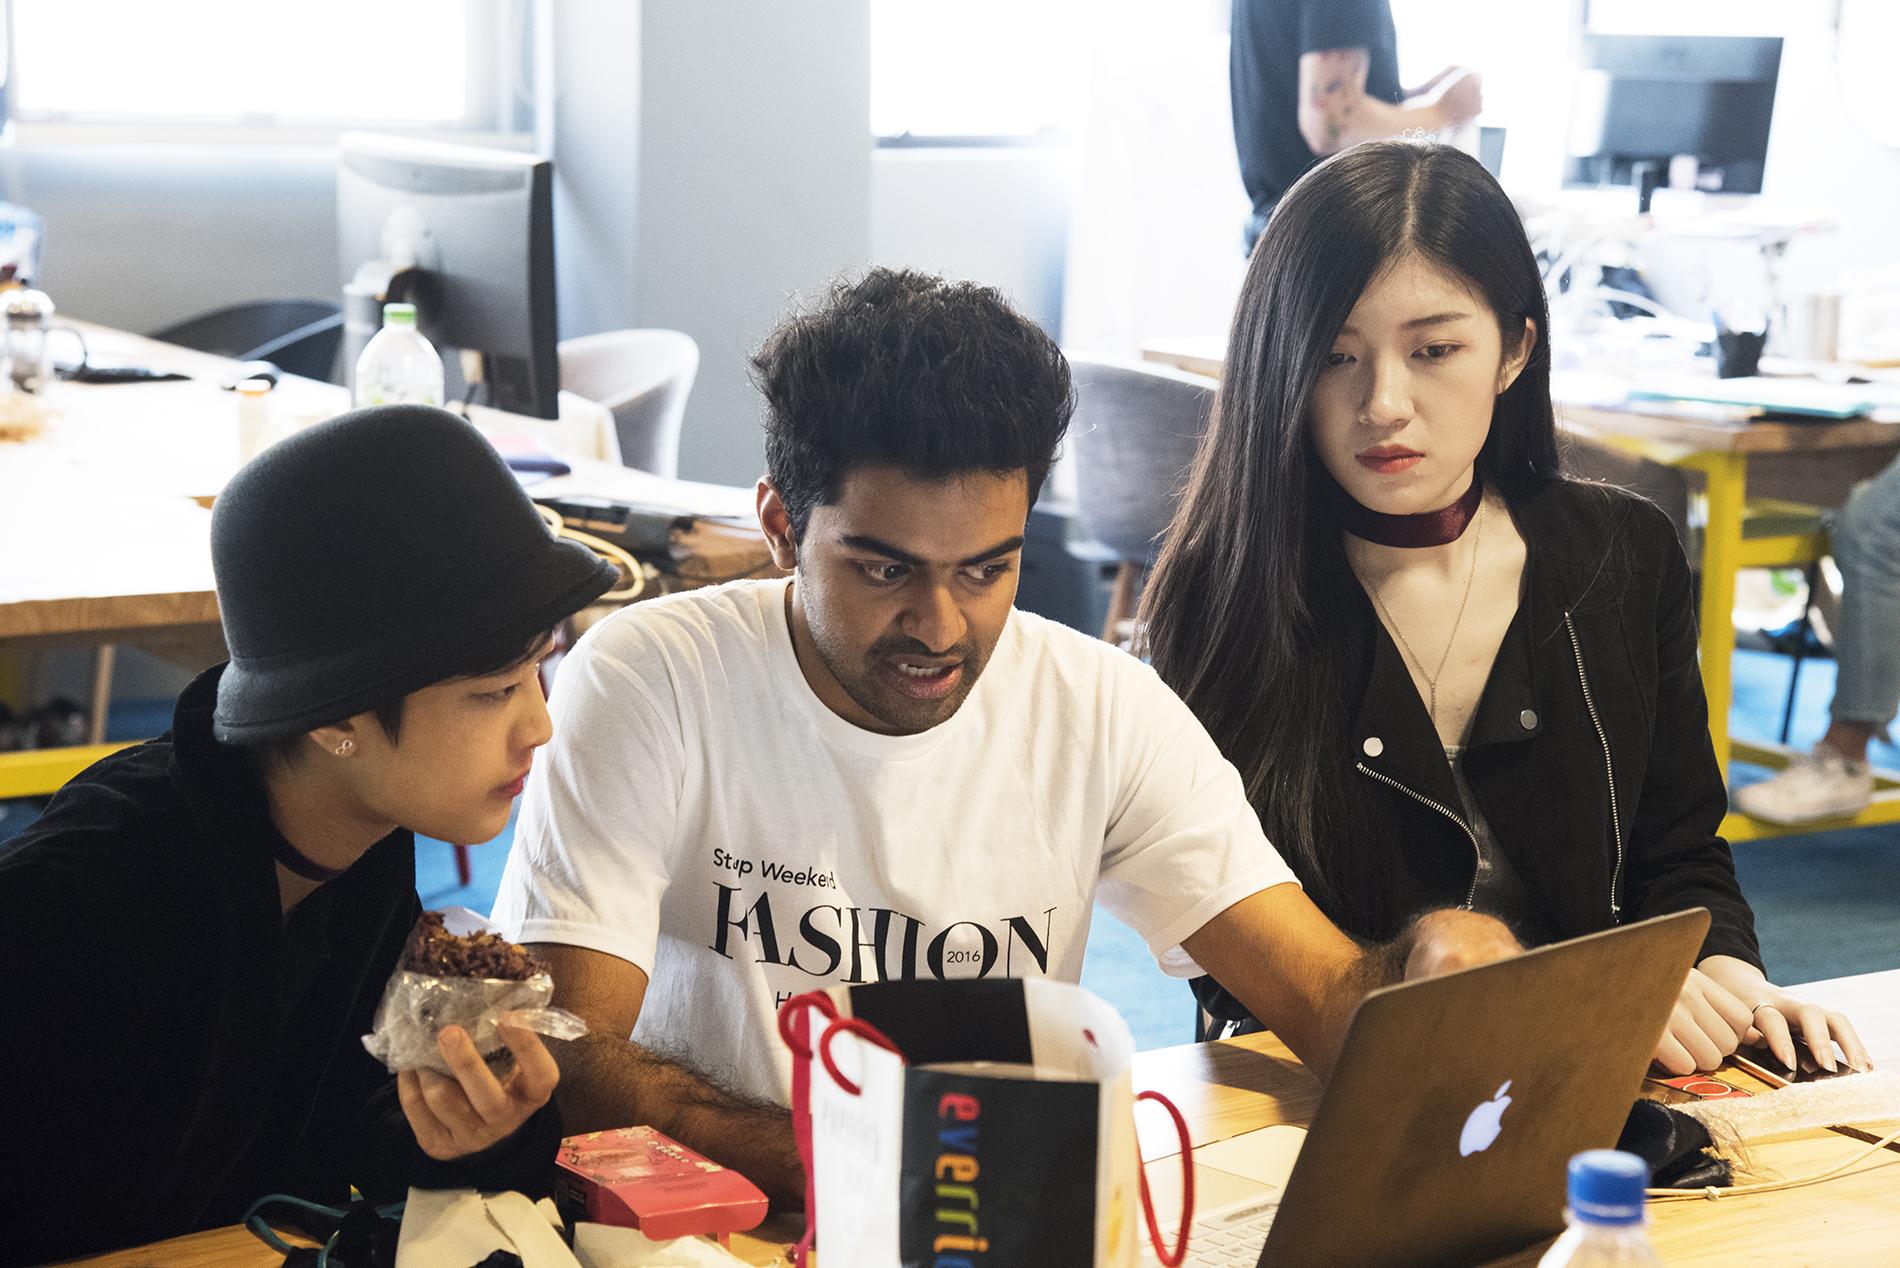 startupweekendfashion-14